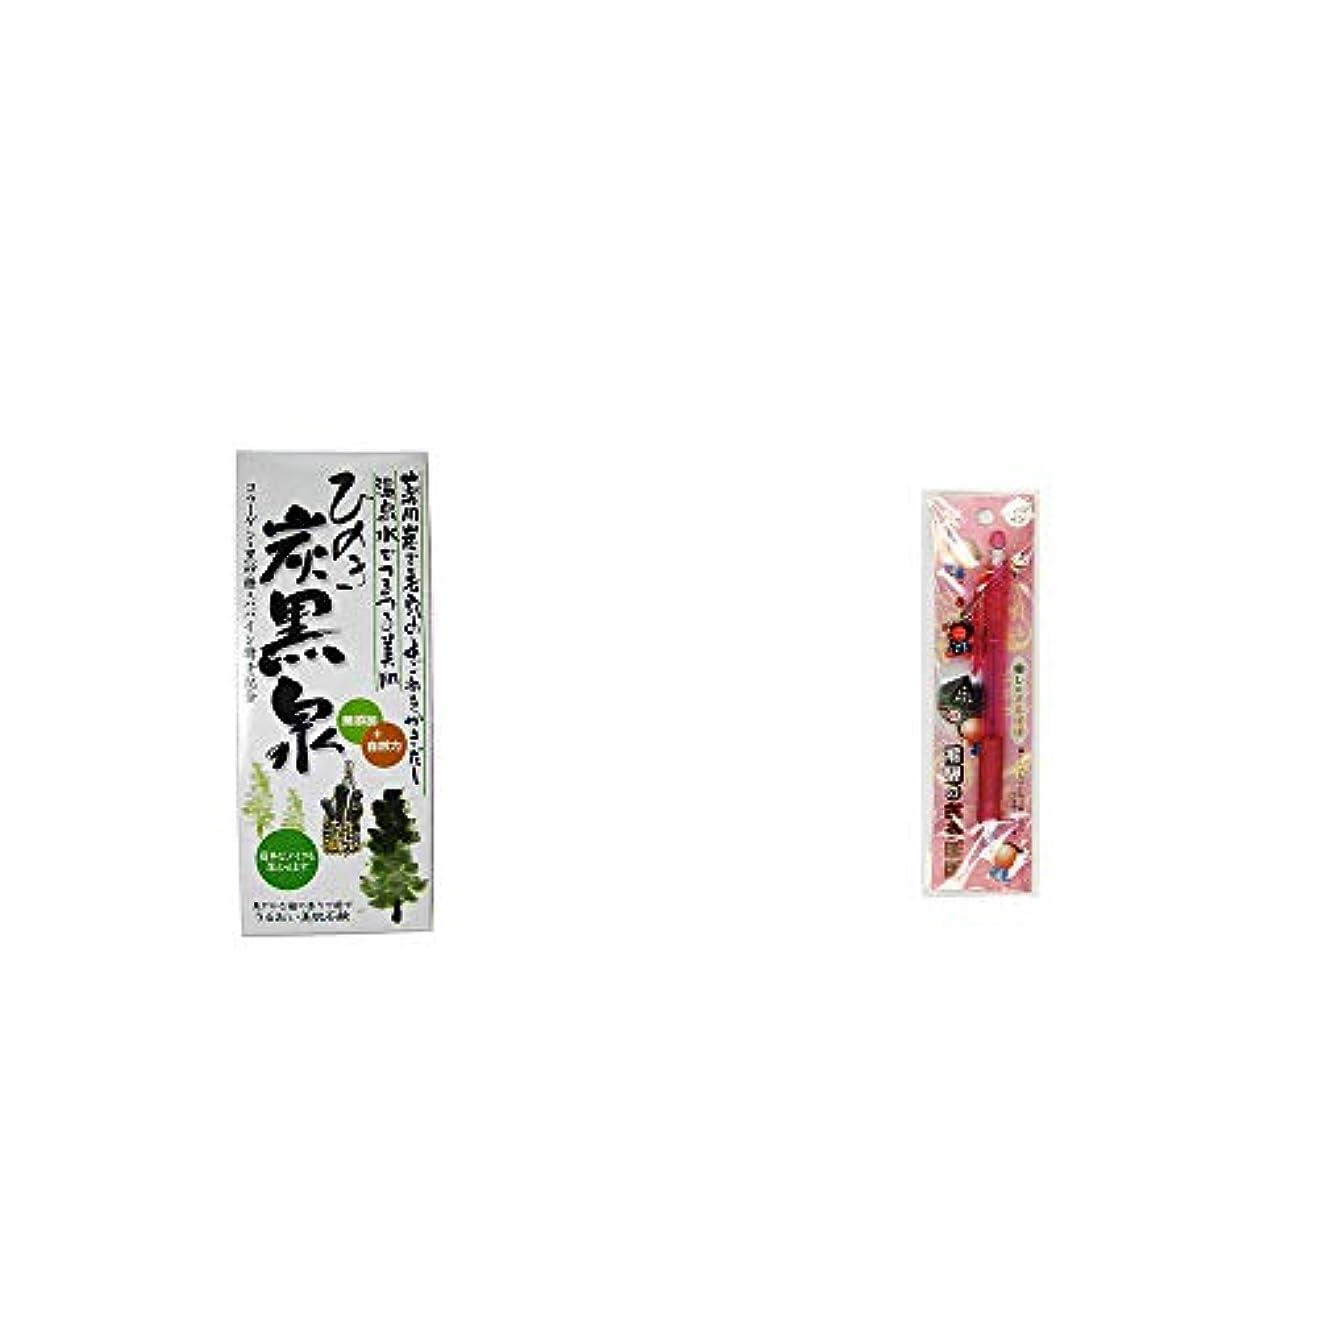 共同選択サンドイッチ貯水池[2点セット] ひのき炭黒泉 箱入り(75g×3)?さるぼぼ 癒しシャープペン 【ピンク】